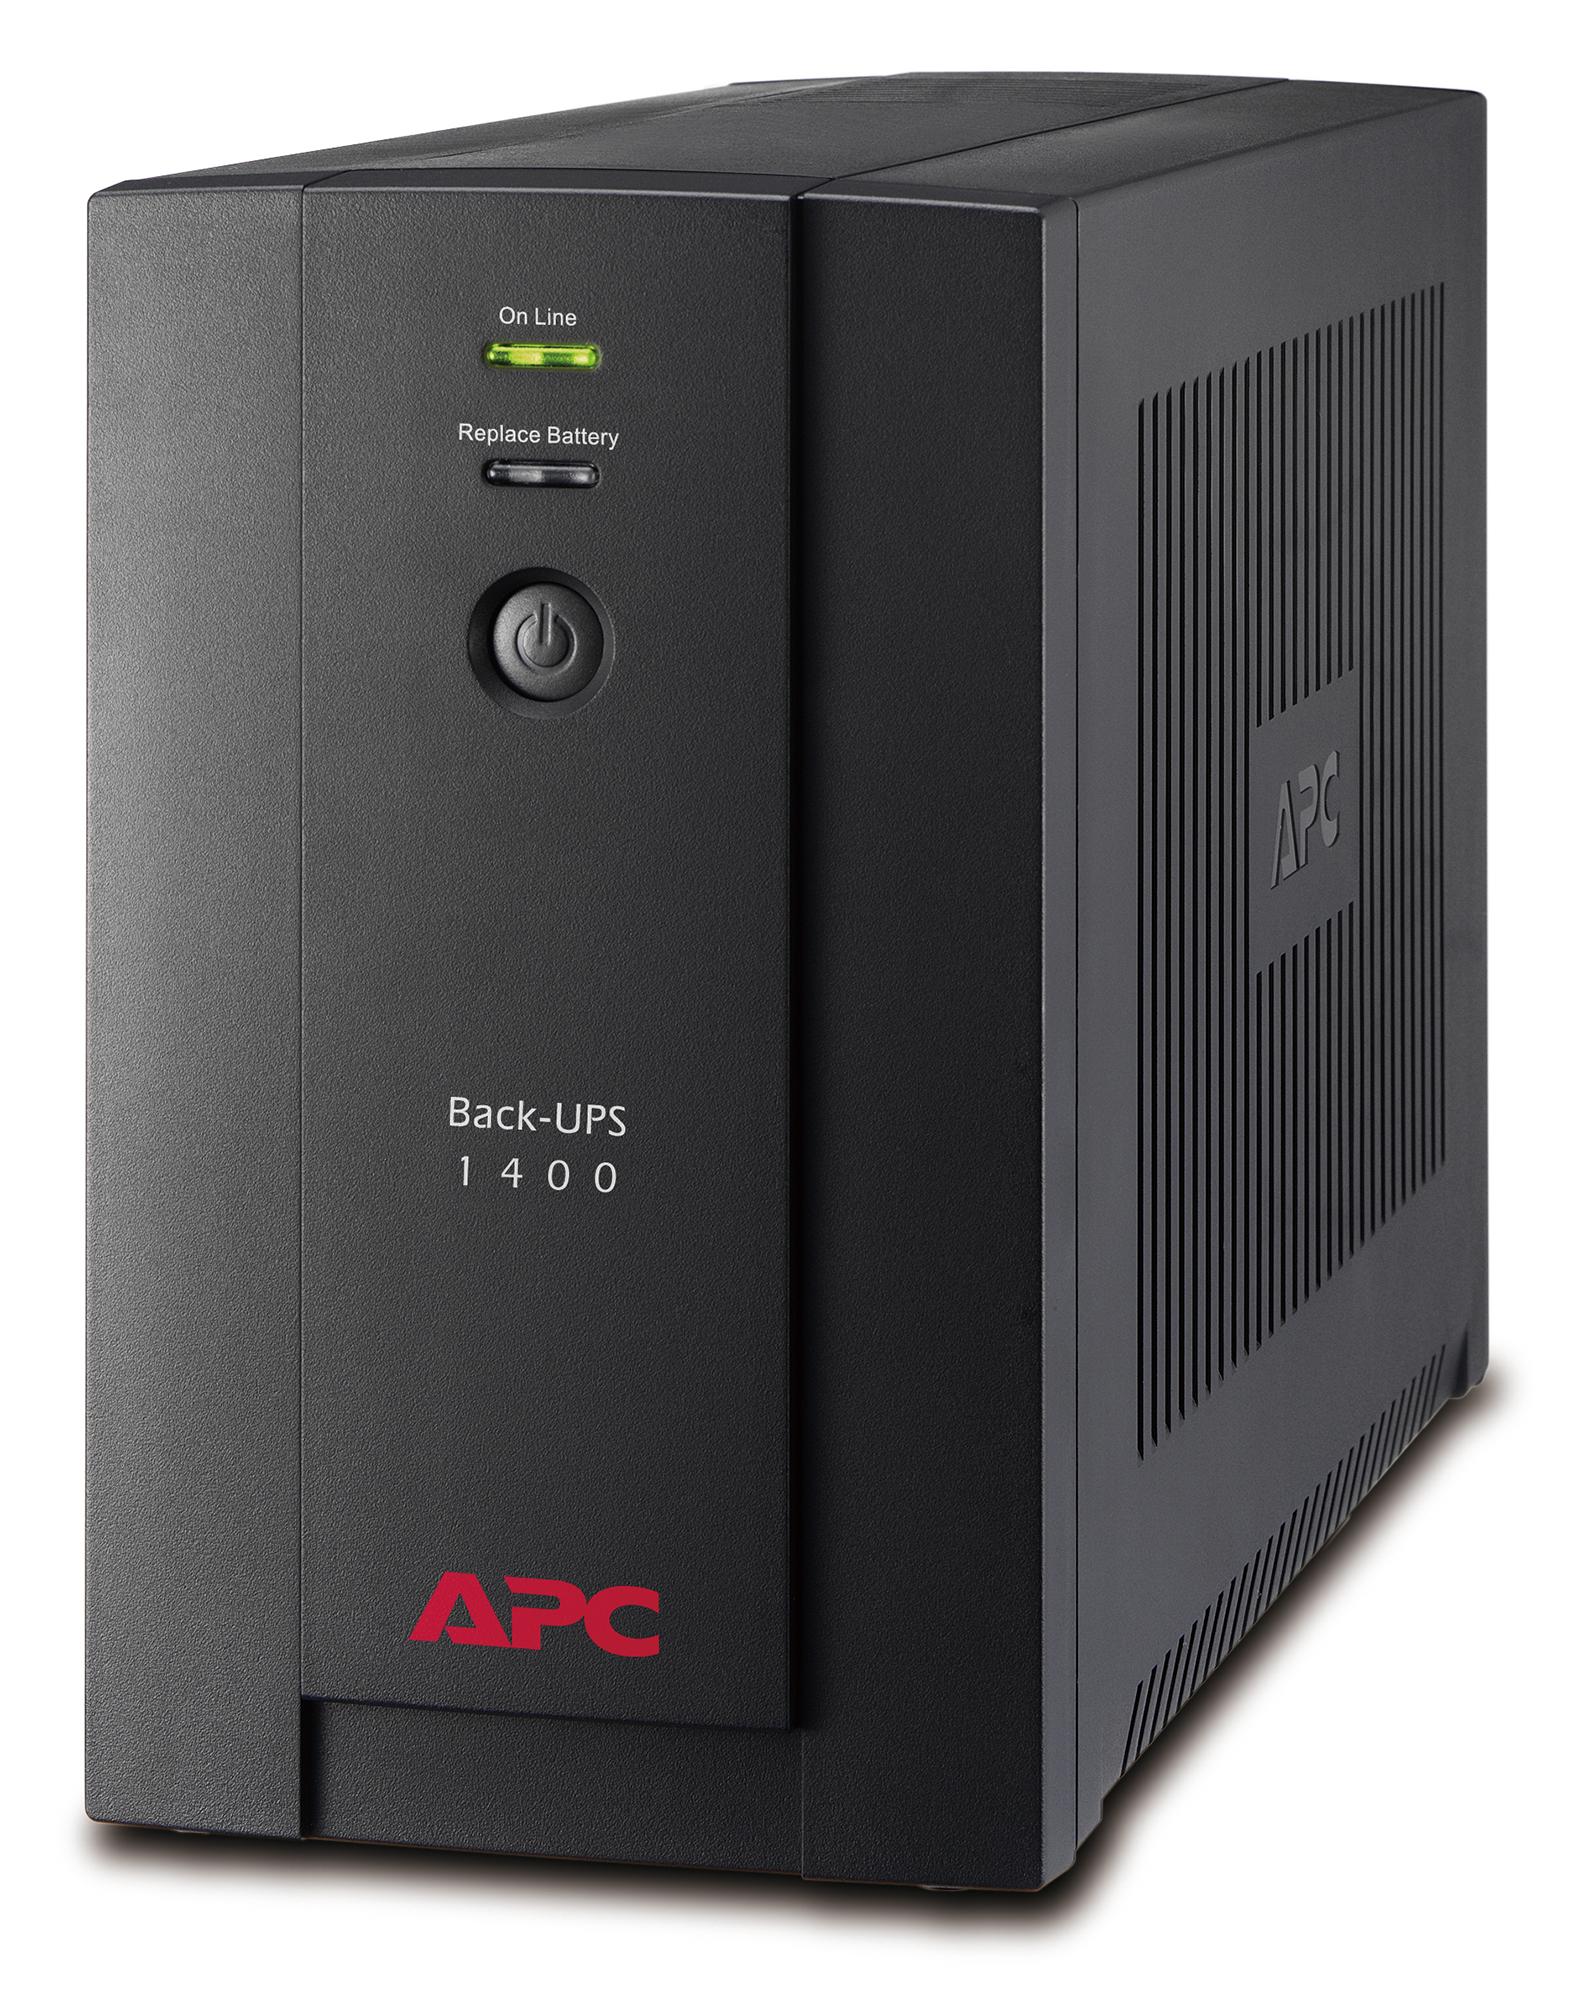 APC Back-UPS sistema de alimentación ininterrumpida (UPS) Línea interactiva 1400 VA 700 W